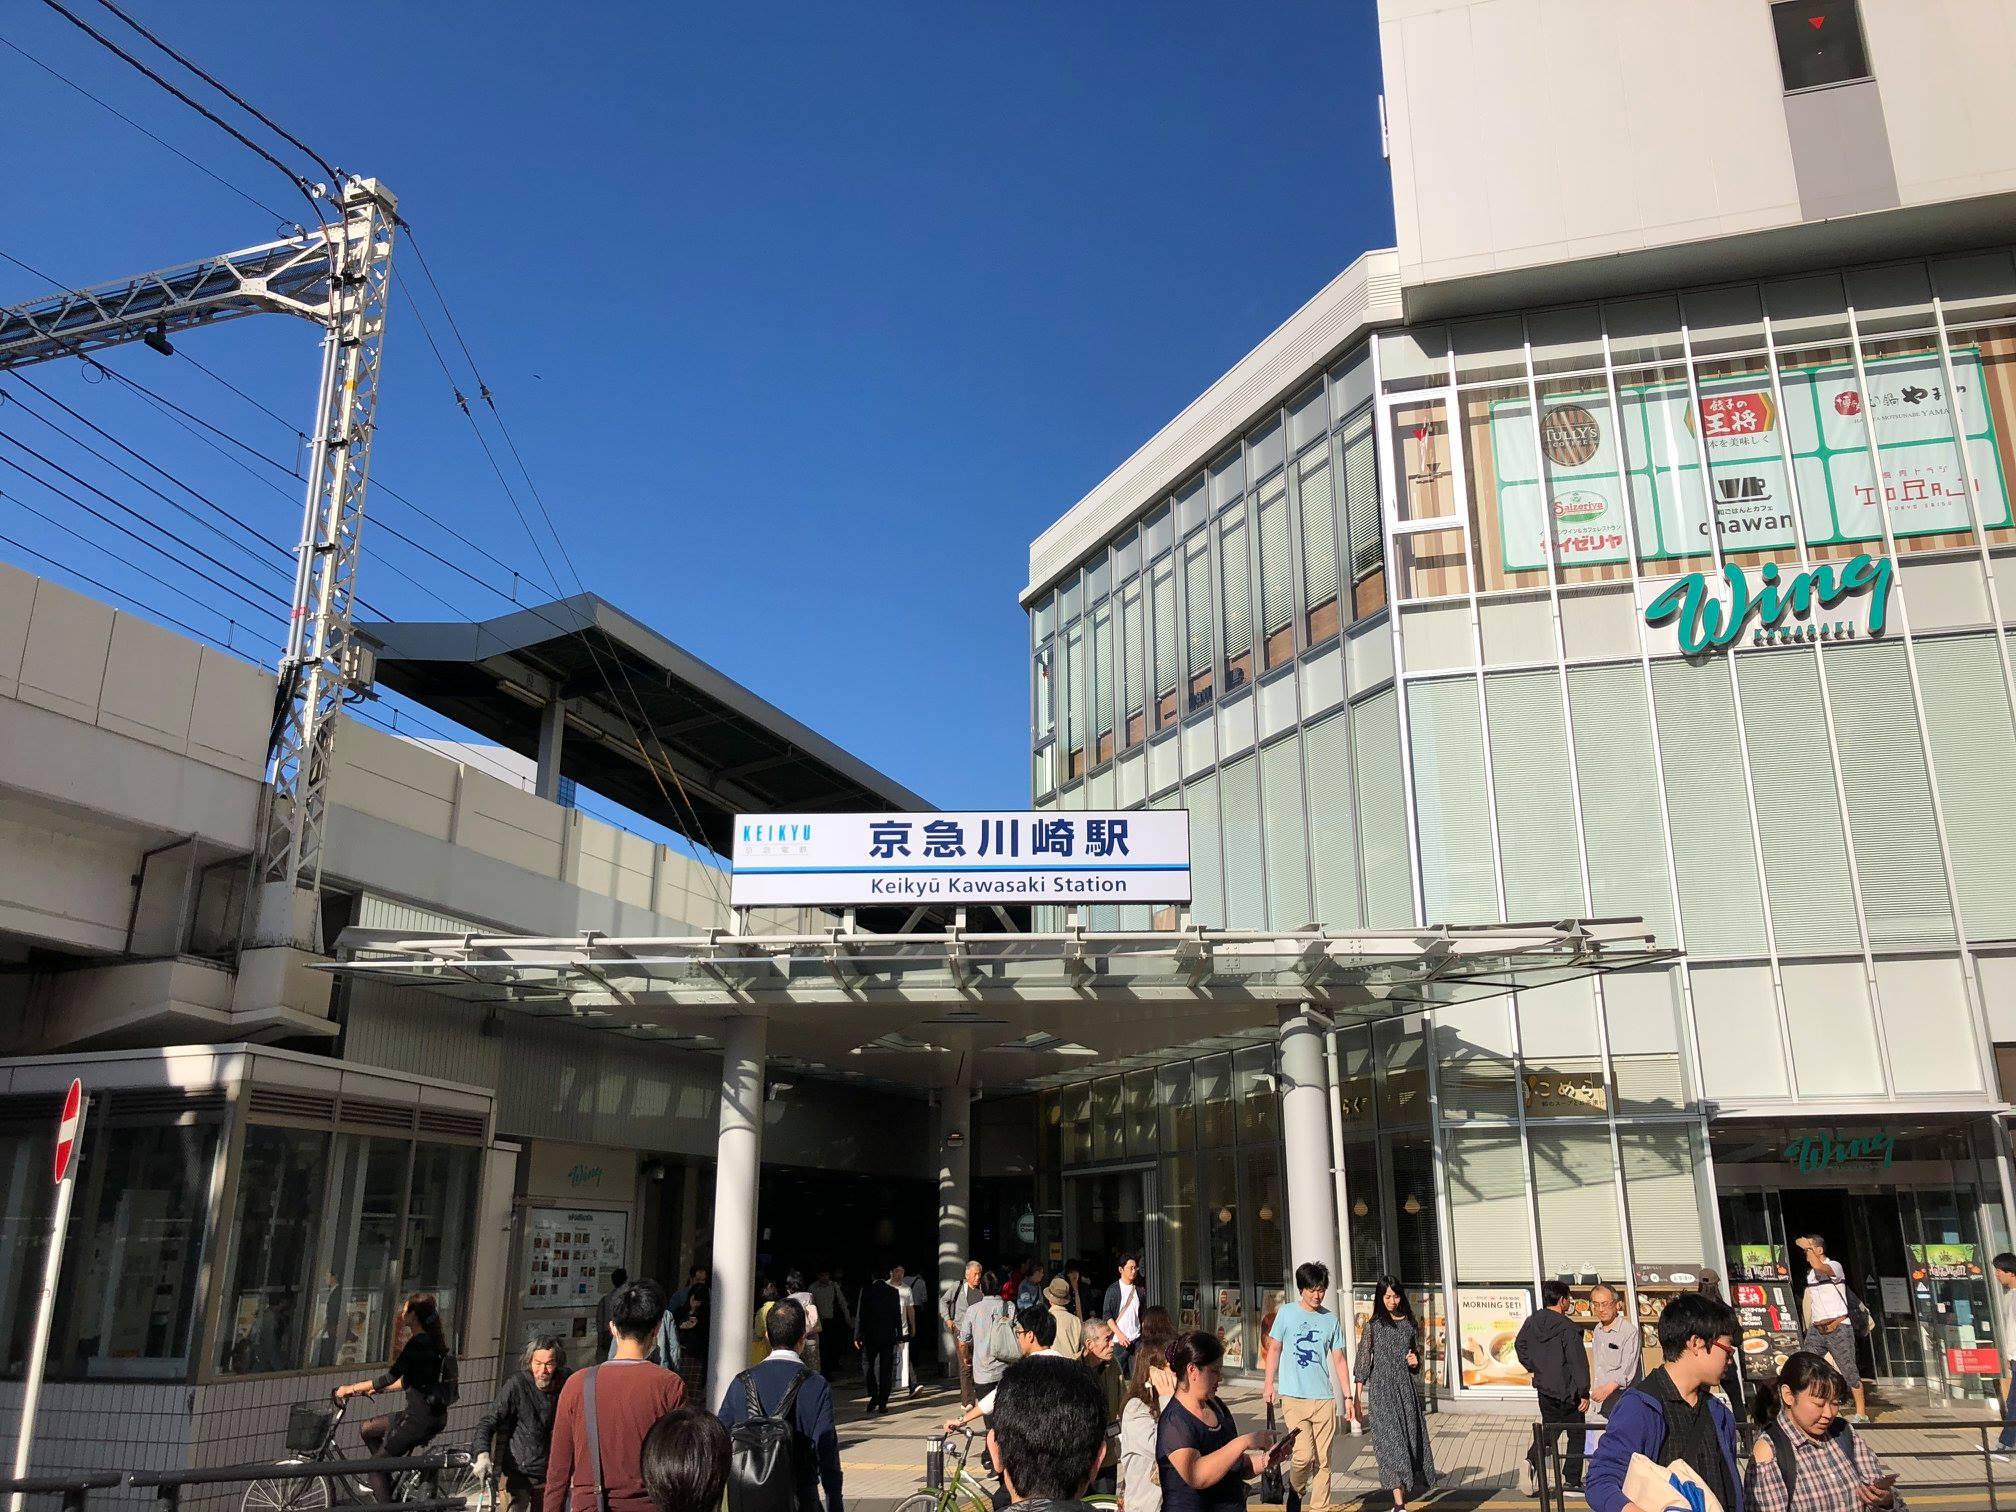 川崎駅周辺のコインロッカー10選!場所やアクセス方法を徹底リサーチ